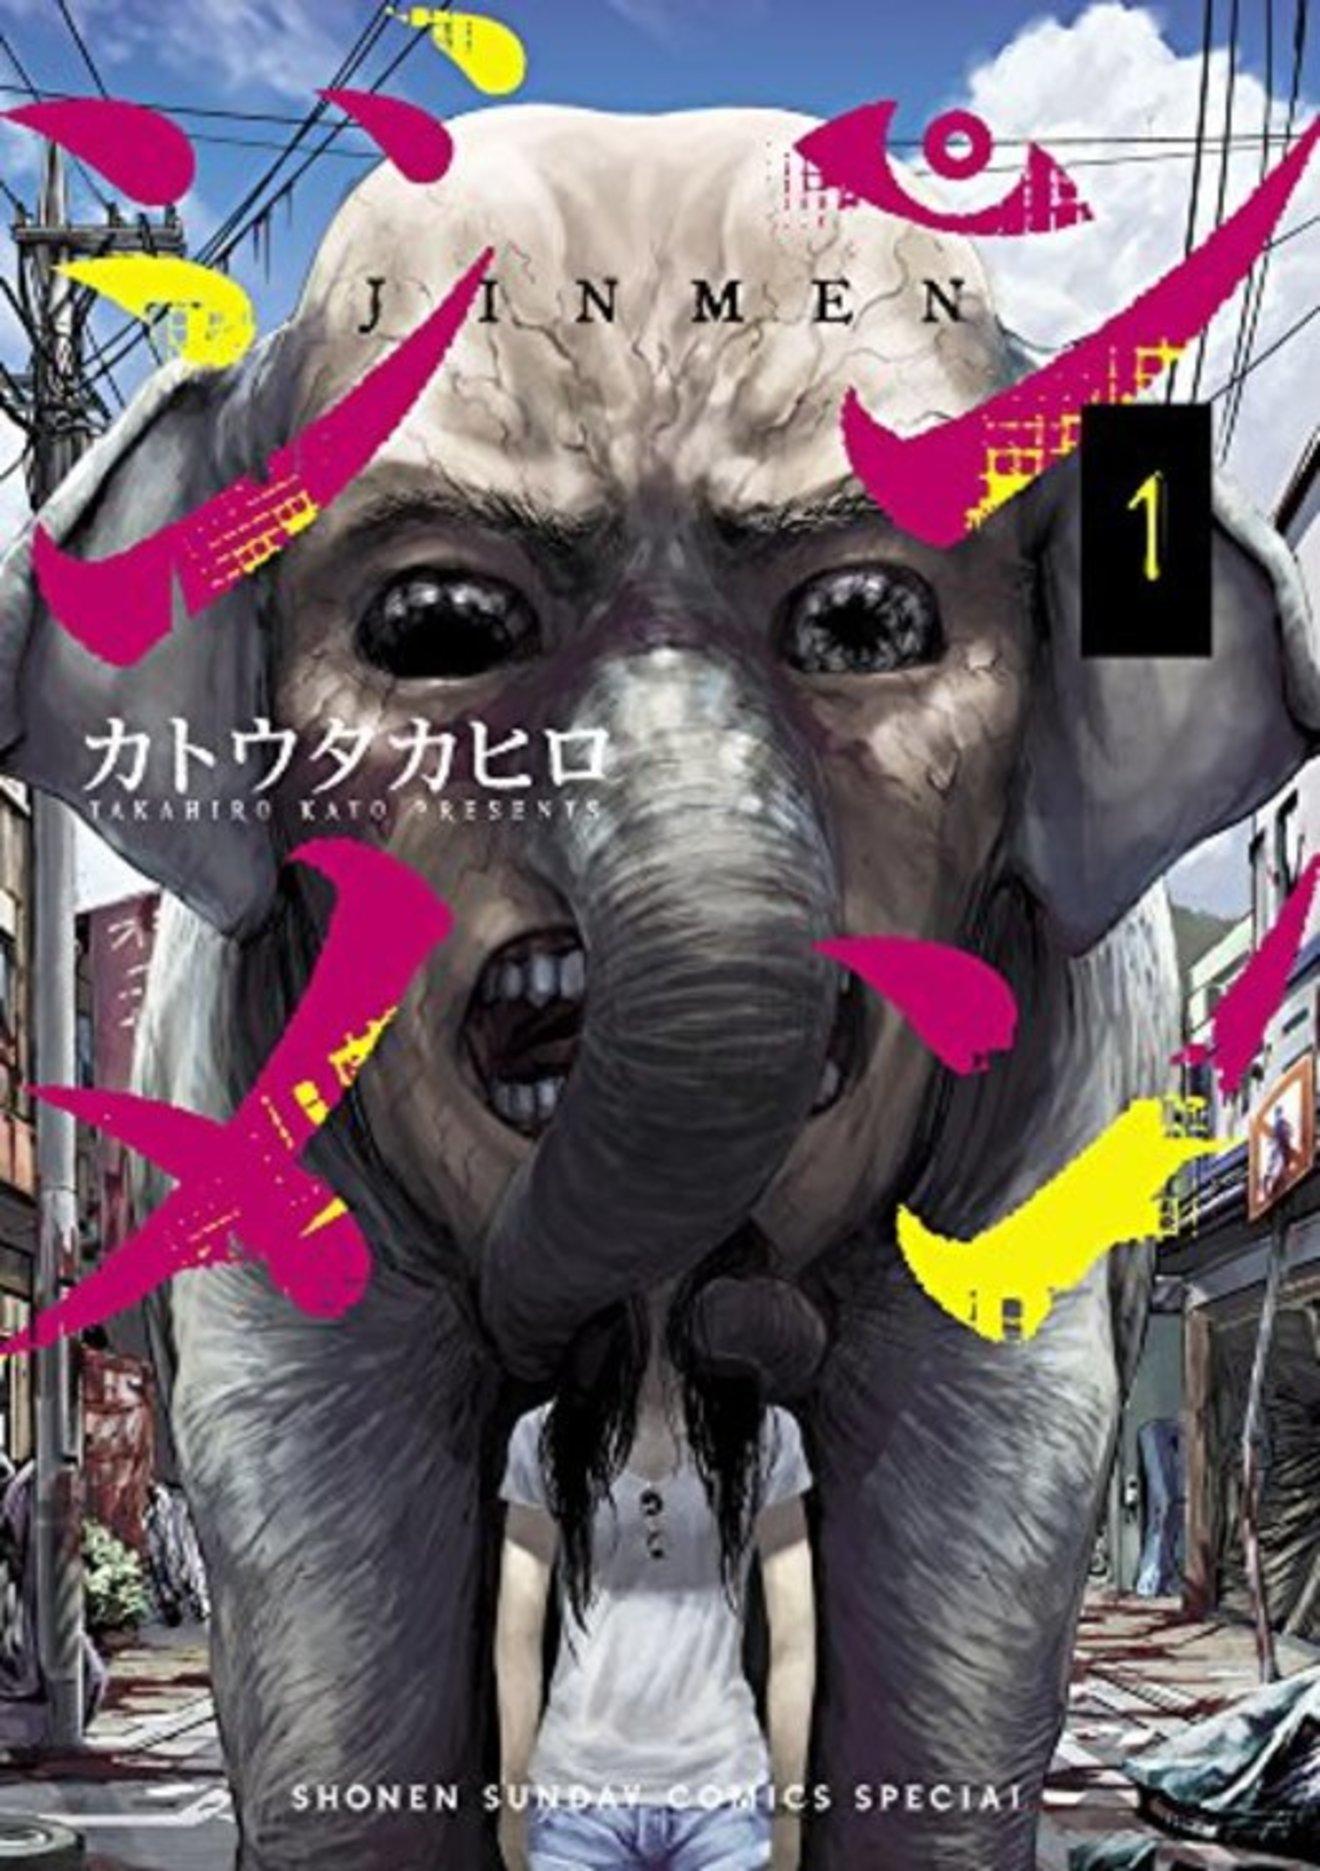 『ジンメン』の10巻まで見所をネタバレ紹介!新しいキモグロホラー漫画!